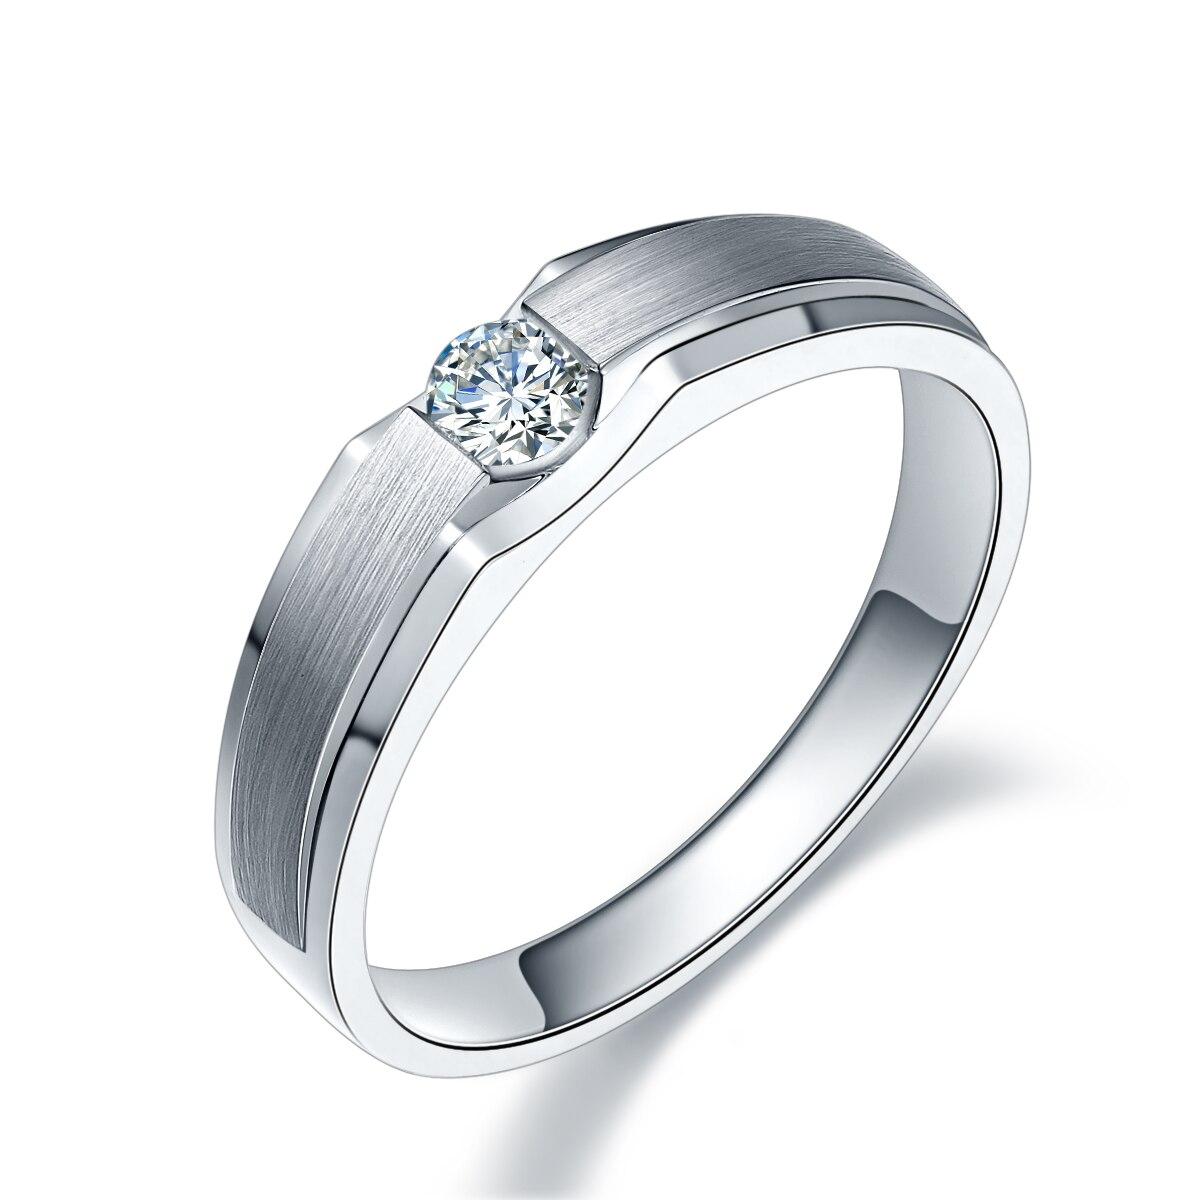 Bague diamant or 18K bague diamant or blanc hommes et femmes mariage proposition Couple bague platine personnalisé